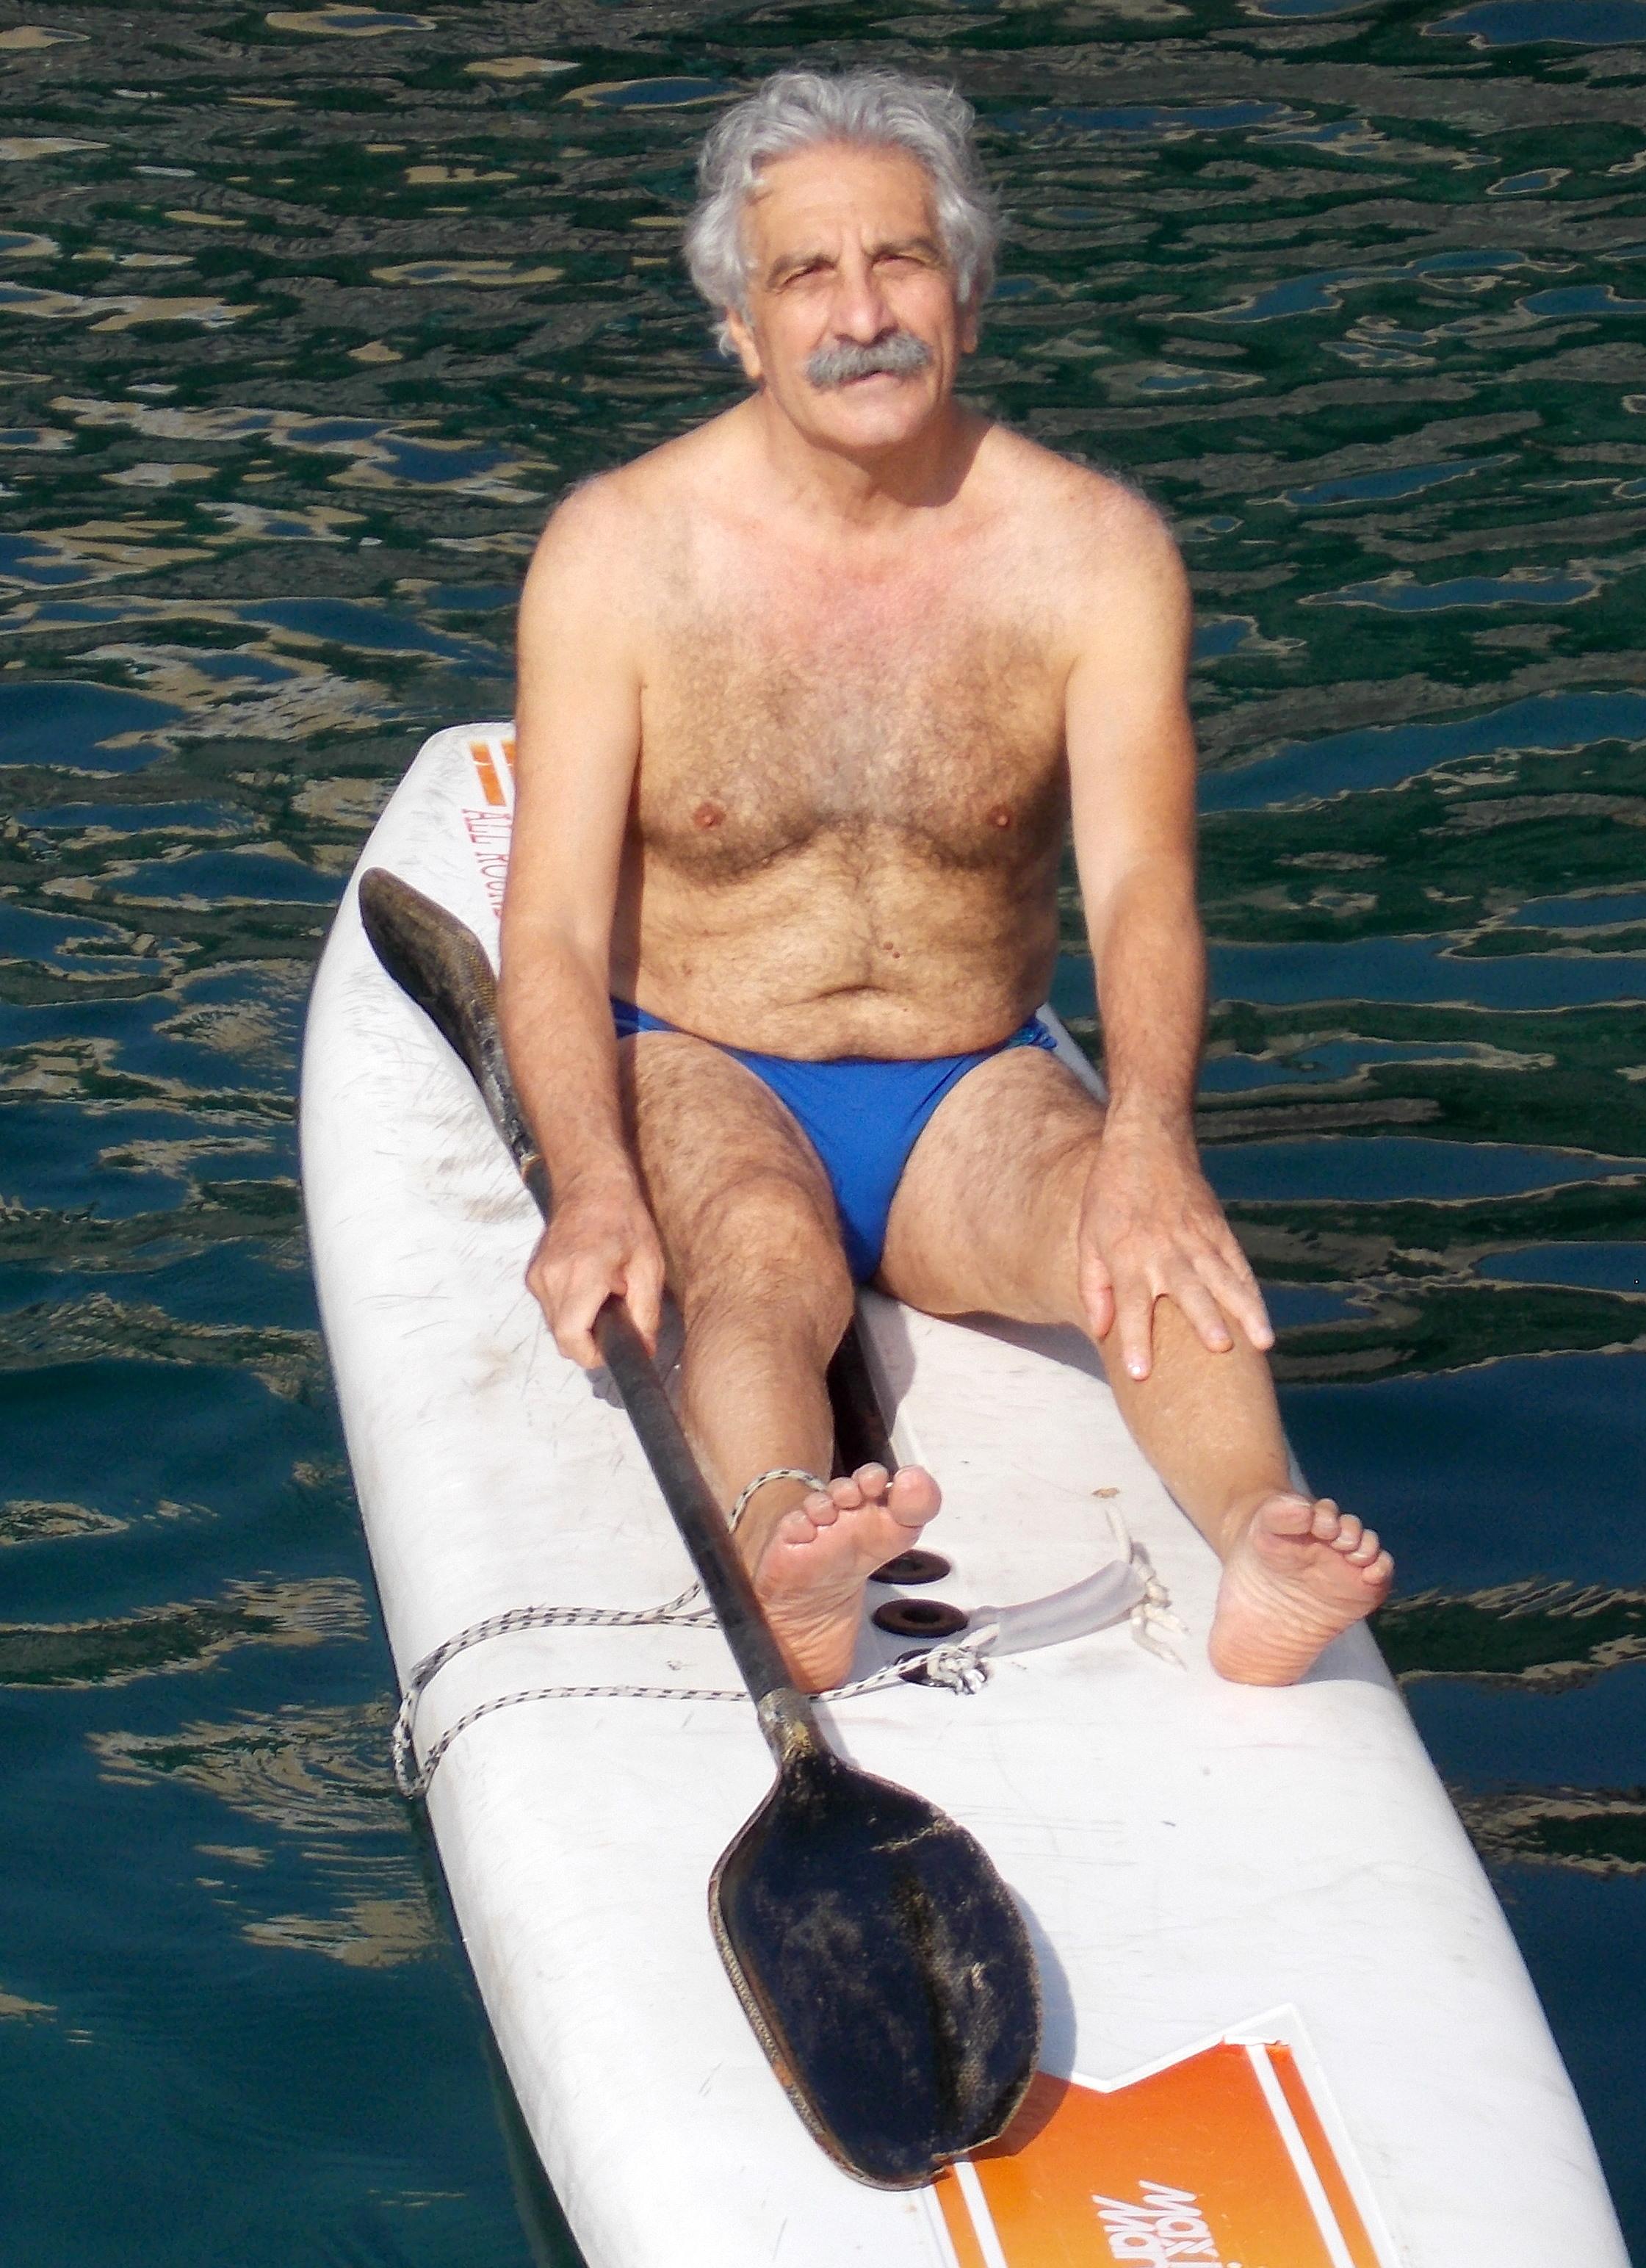 """Giuseppe Distefano - Amico d'infanzia ma ormai torinese d'adozione, venuto a Catania per il weekend per chiudere la sua stagione balneare (sic!) e quindi fare il giro sulla tavola. Ha pagaiato solo lui e, al ritorno, per farla completa, ha coperto a nuoto, nei quattro stili canonici, il tragitto """"scogghiu a vacca"""" fino al porticciolo di S. G. Li Cuti.-SEMPREINFORMA-"""